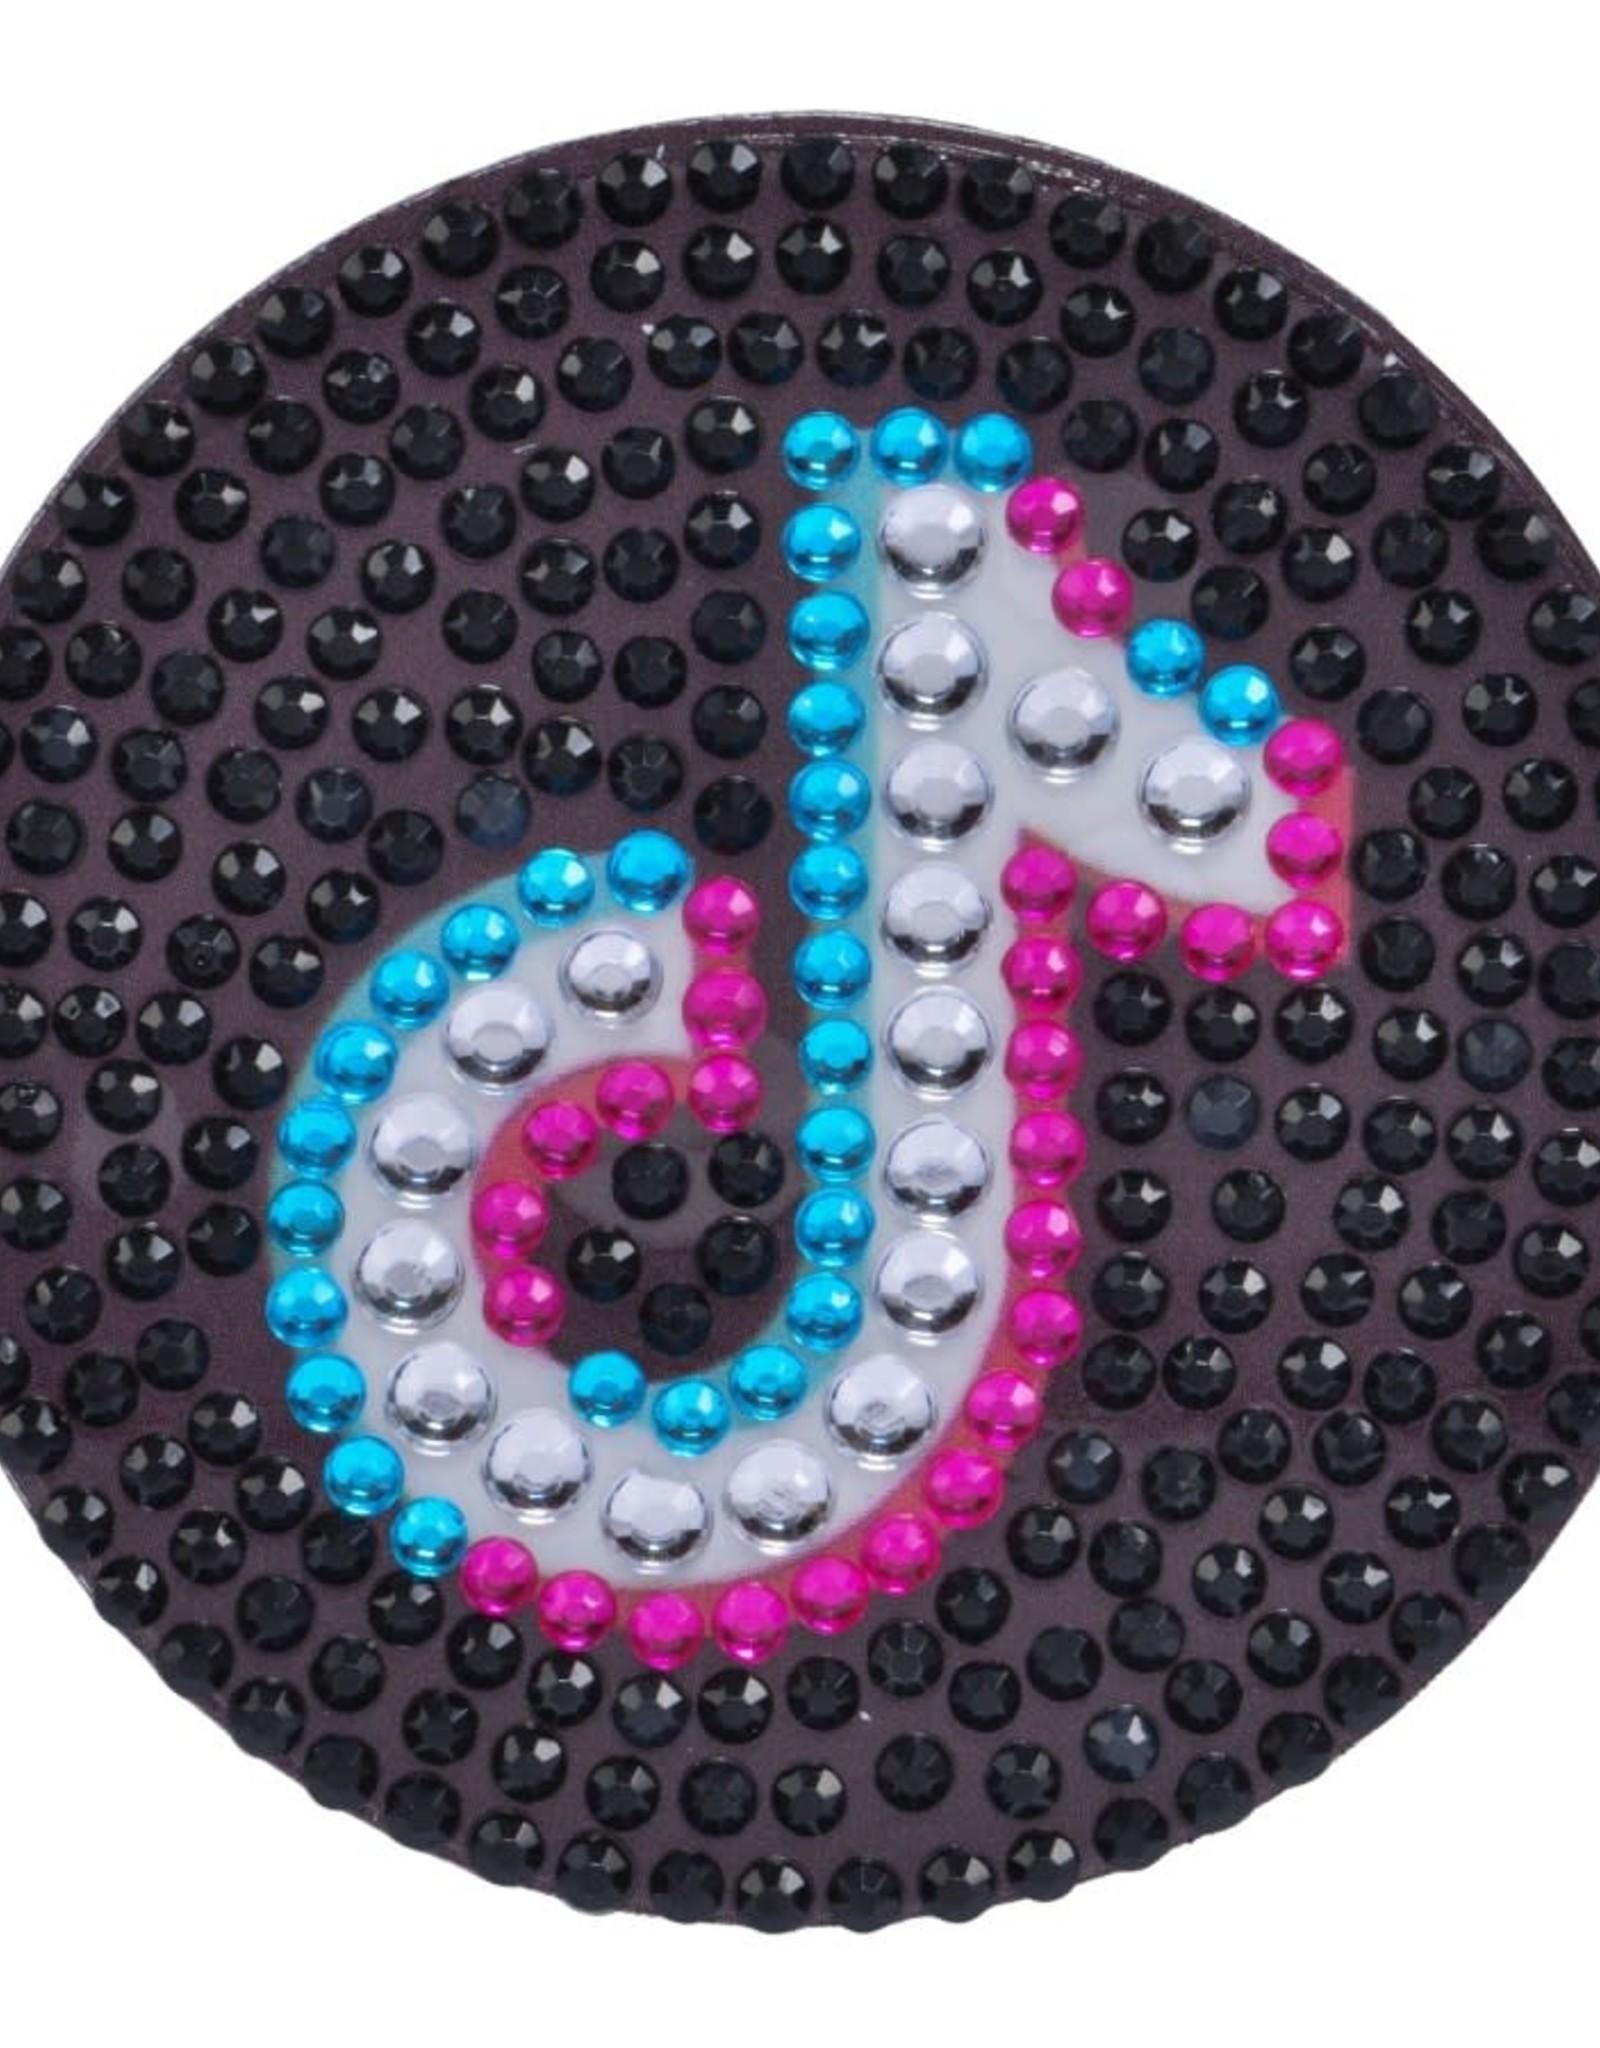 Sticker Beans Tik Tok